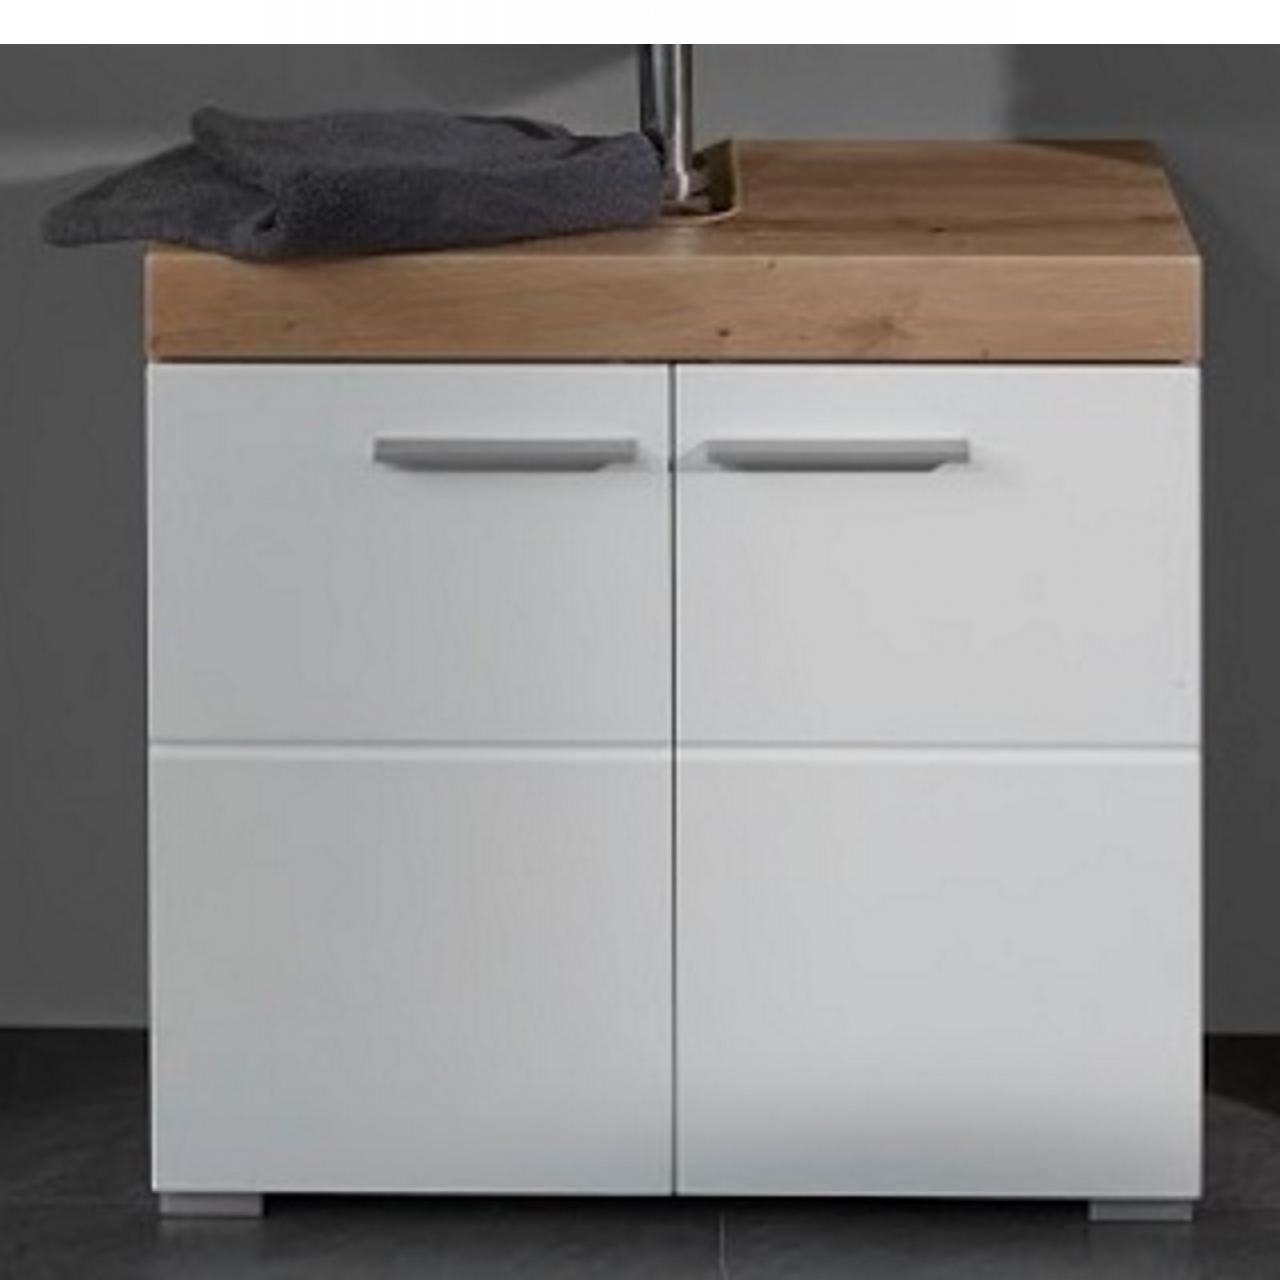 Waschbeckenunterschrank Amanda Weiß Hochglanz Asteiche Nb. 2 Türen 1 Boden